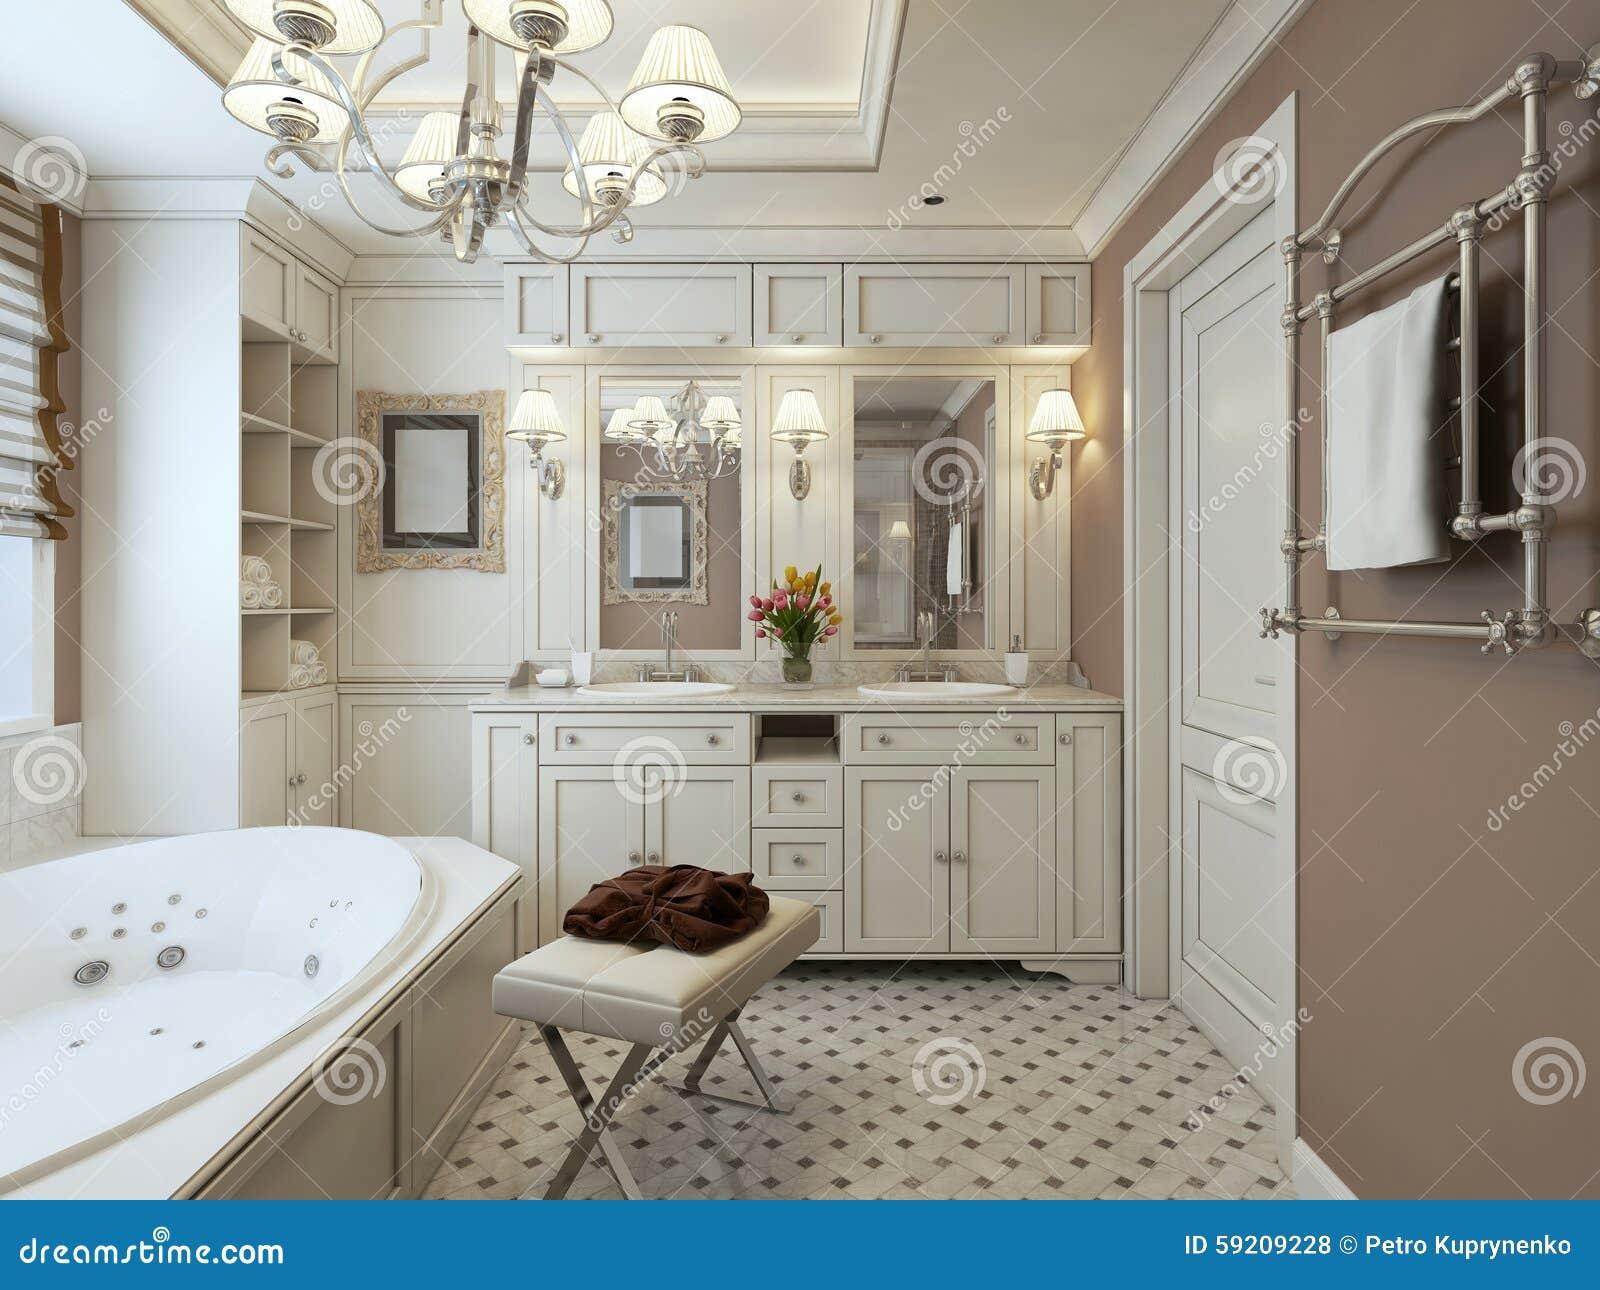 Stanza da bagno classica fotografia stock. Immagine di ... on Stanza Da Bagno  id=67800